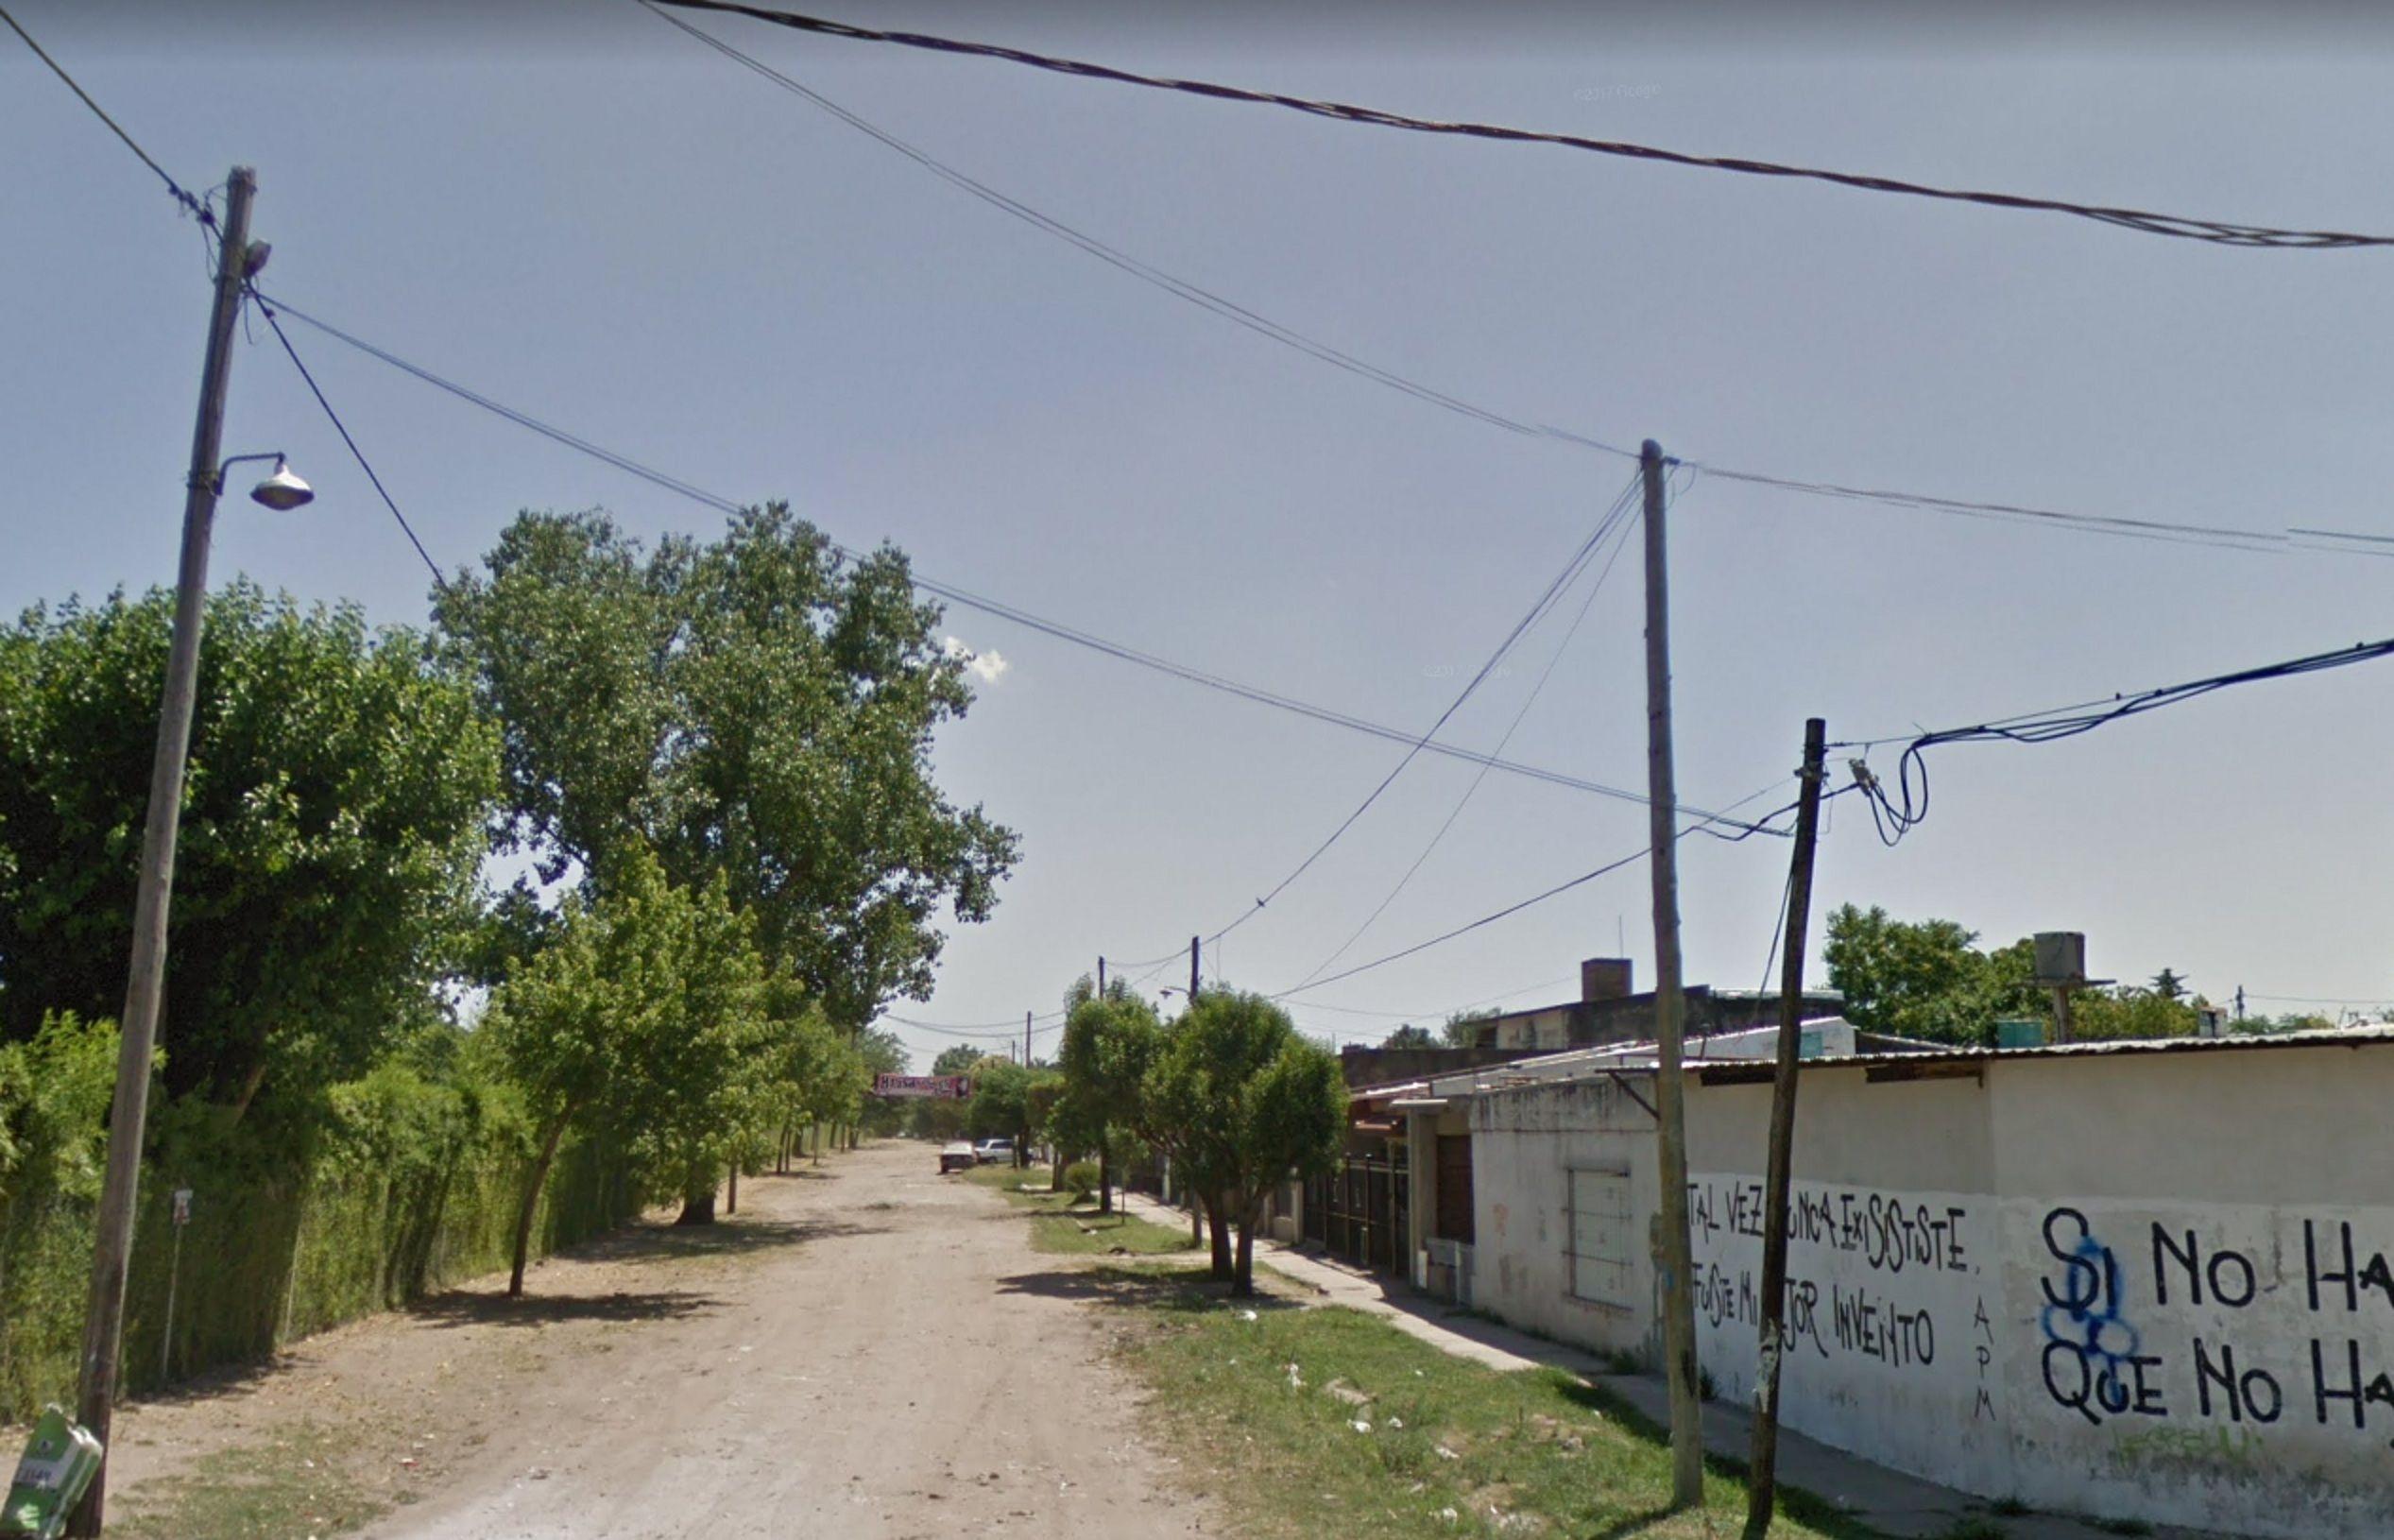 Moreno: mataron a tiros a un hombre e hirieron a su padre en una presunta pelea vecinal